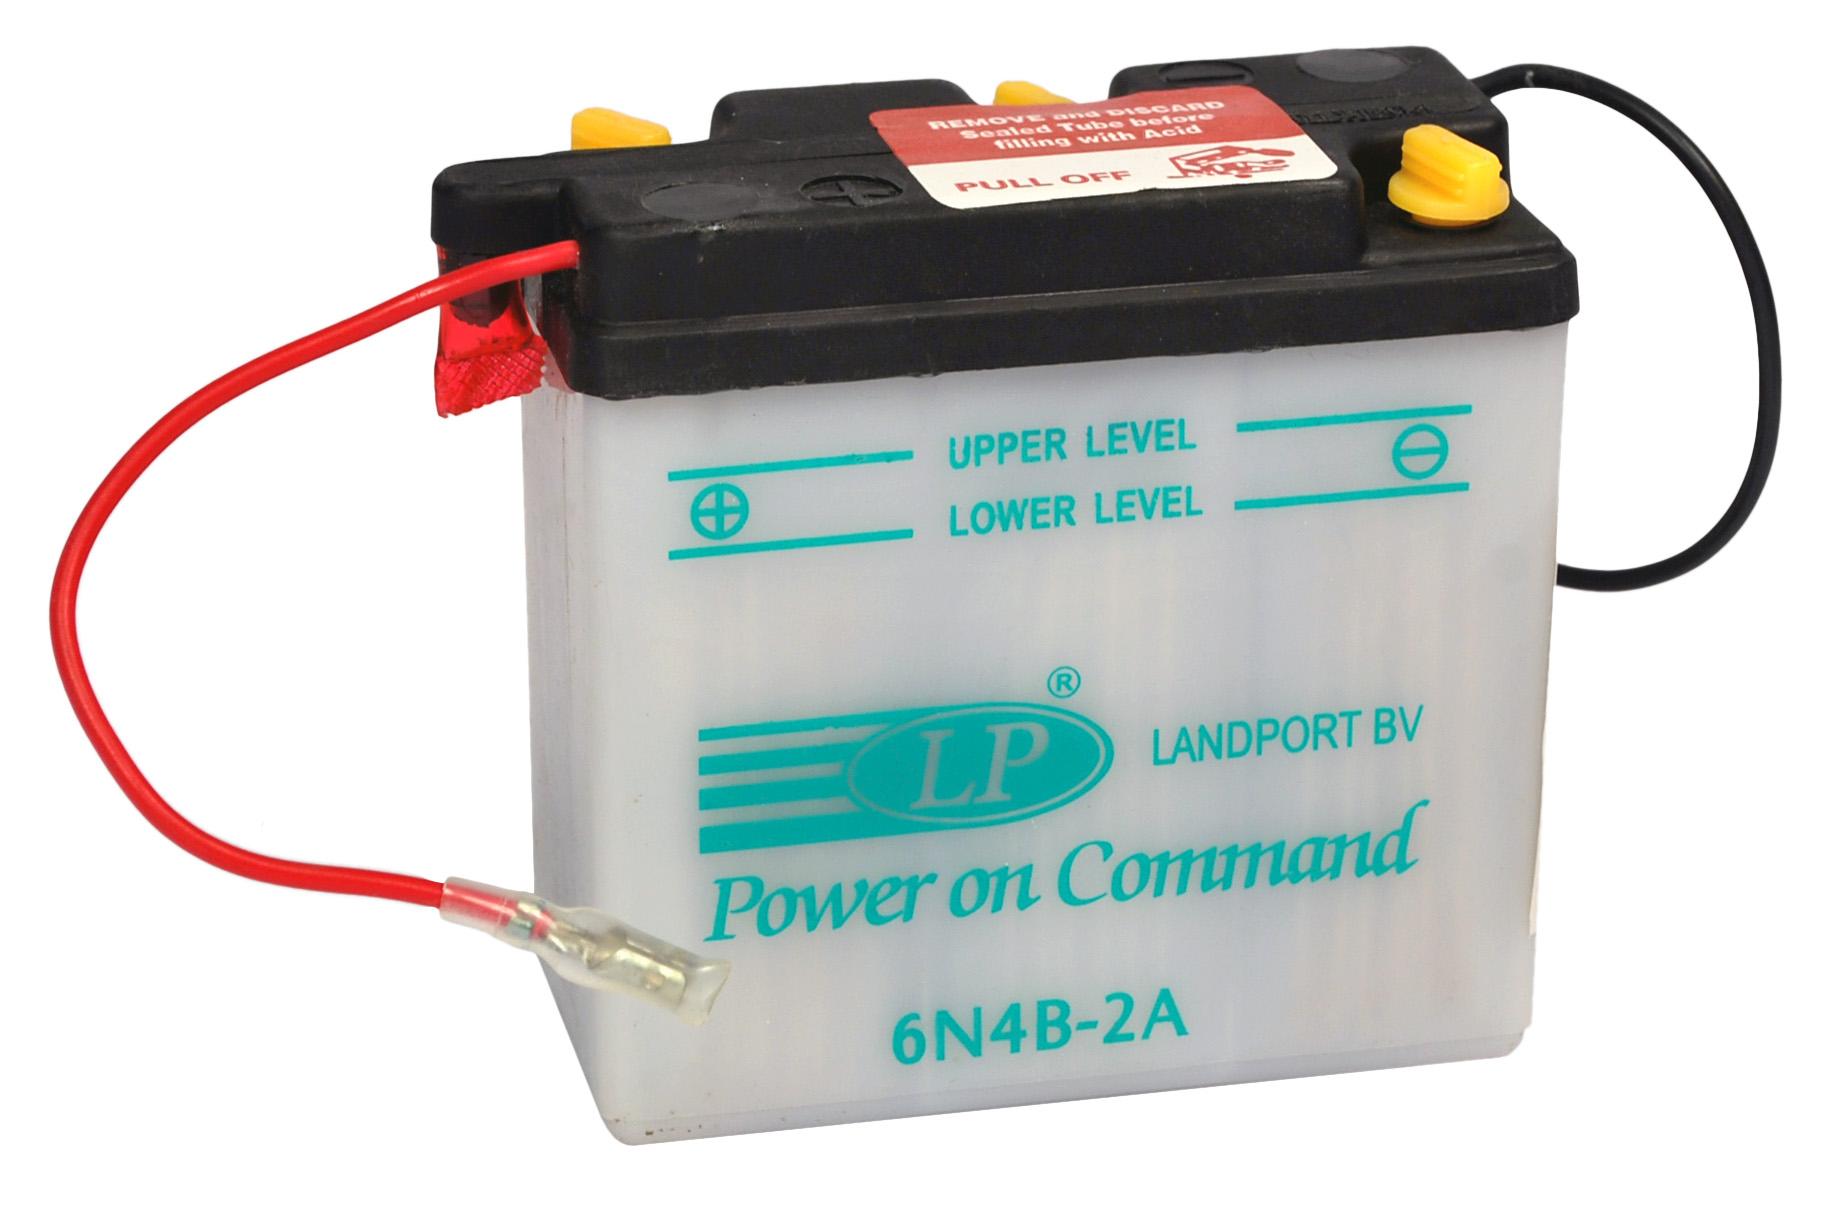 6N4B-2A motor accu met zuurpakket